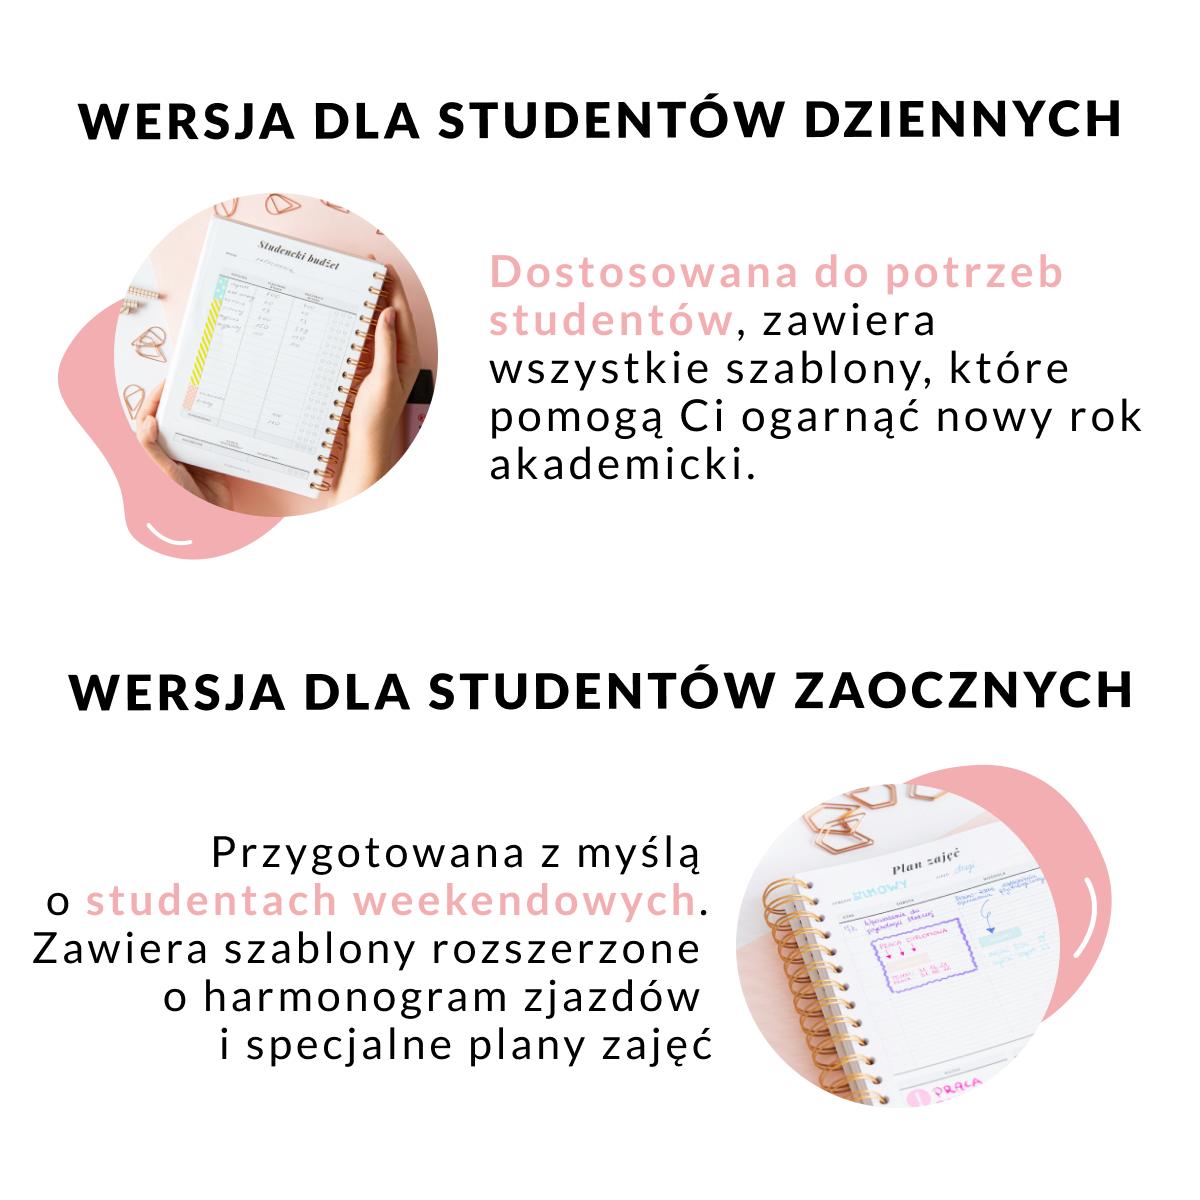 Podział planera wersja dla studentów dziennych zaocznych